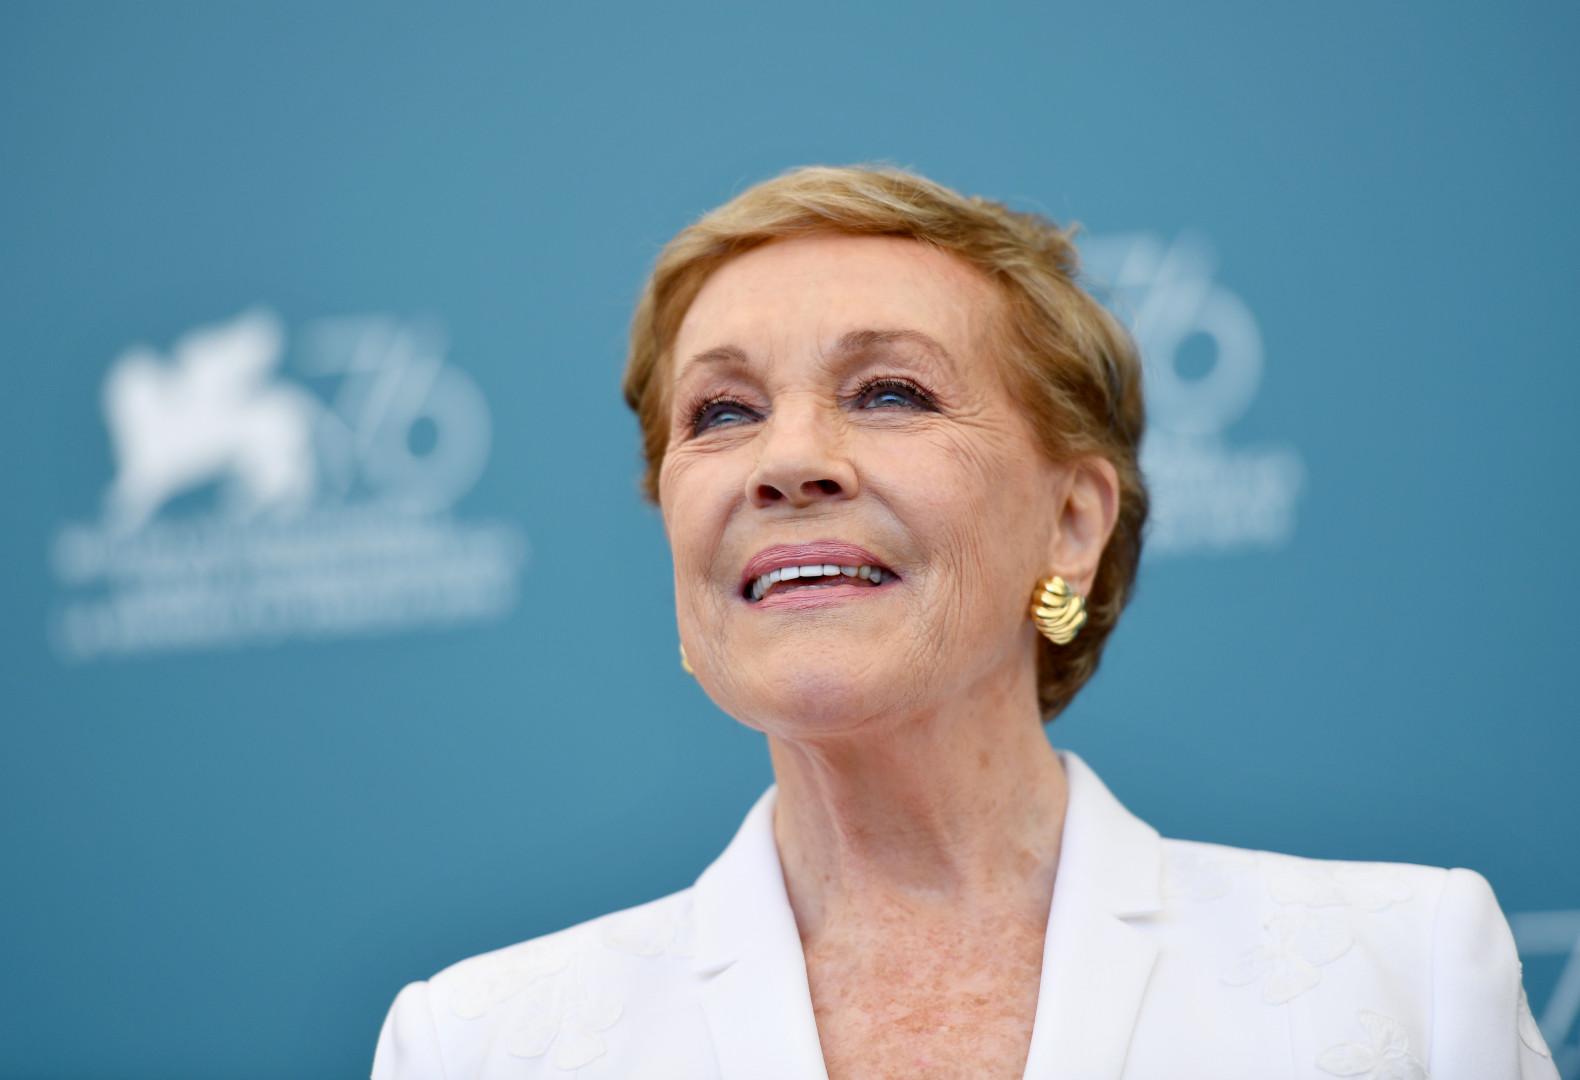 Julie Andrews n'est pas visible mais elle est la voix de la narratrice de la série